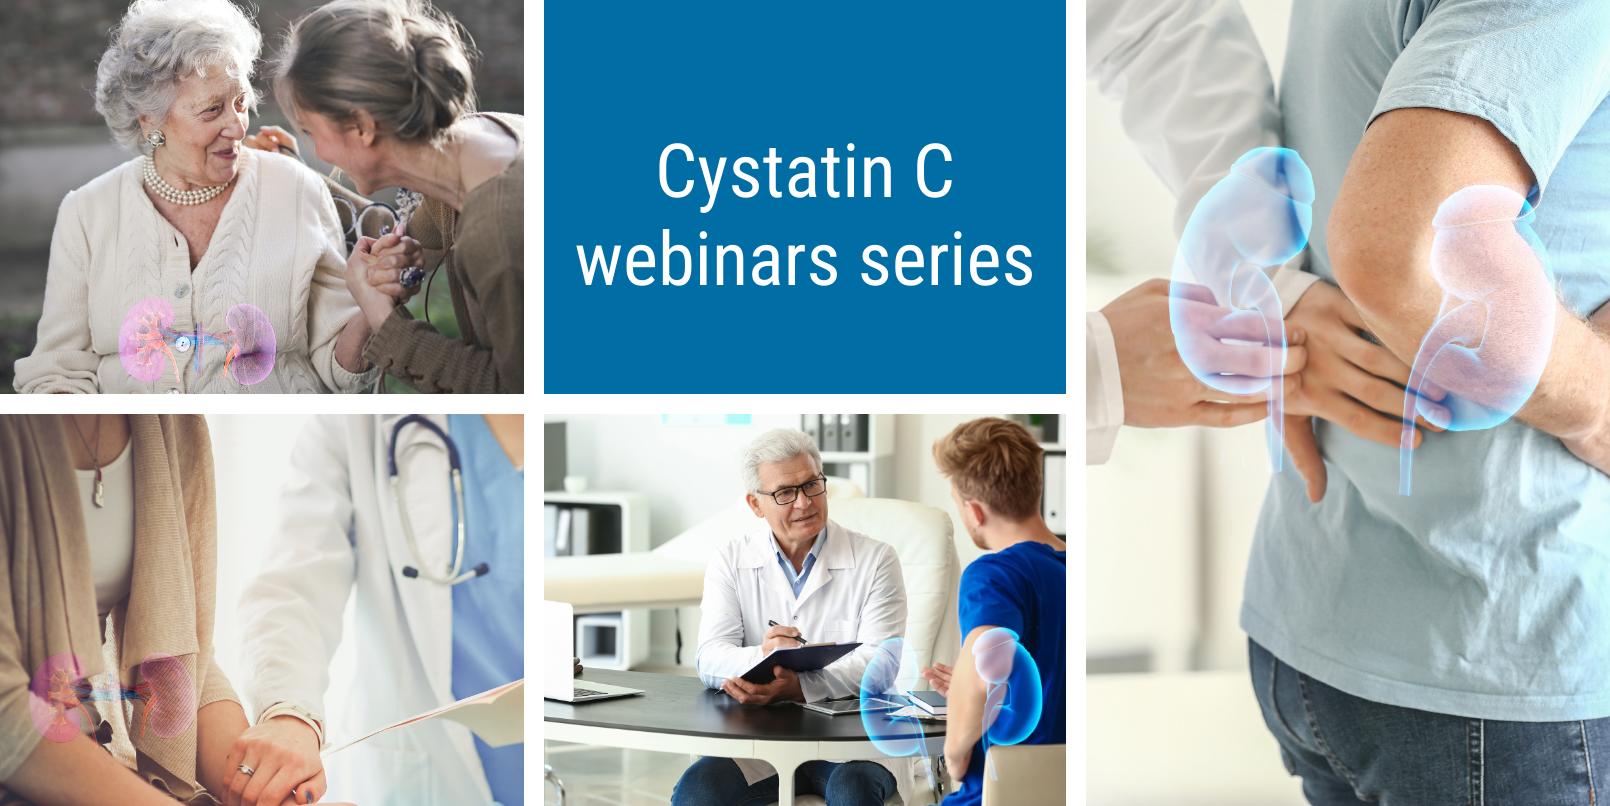 webinars, FAQ cystatin C immunoassay